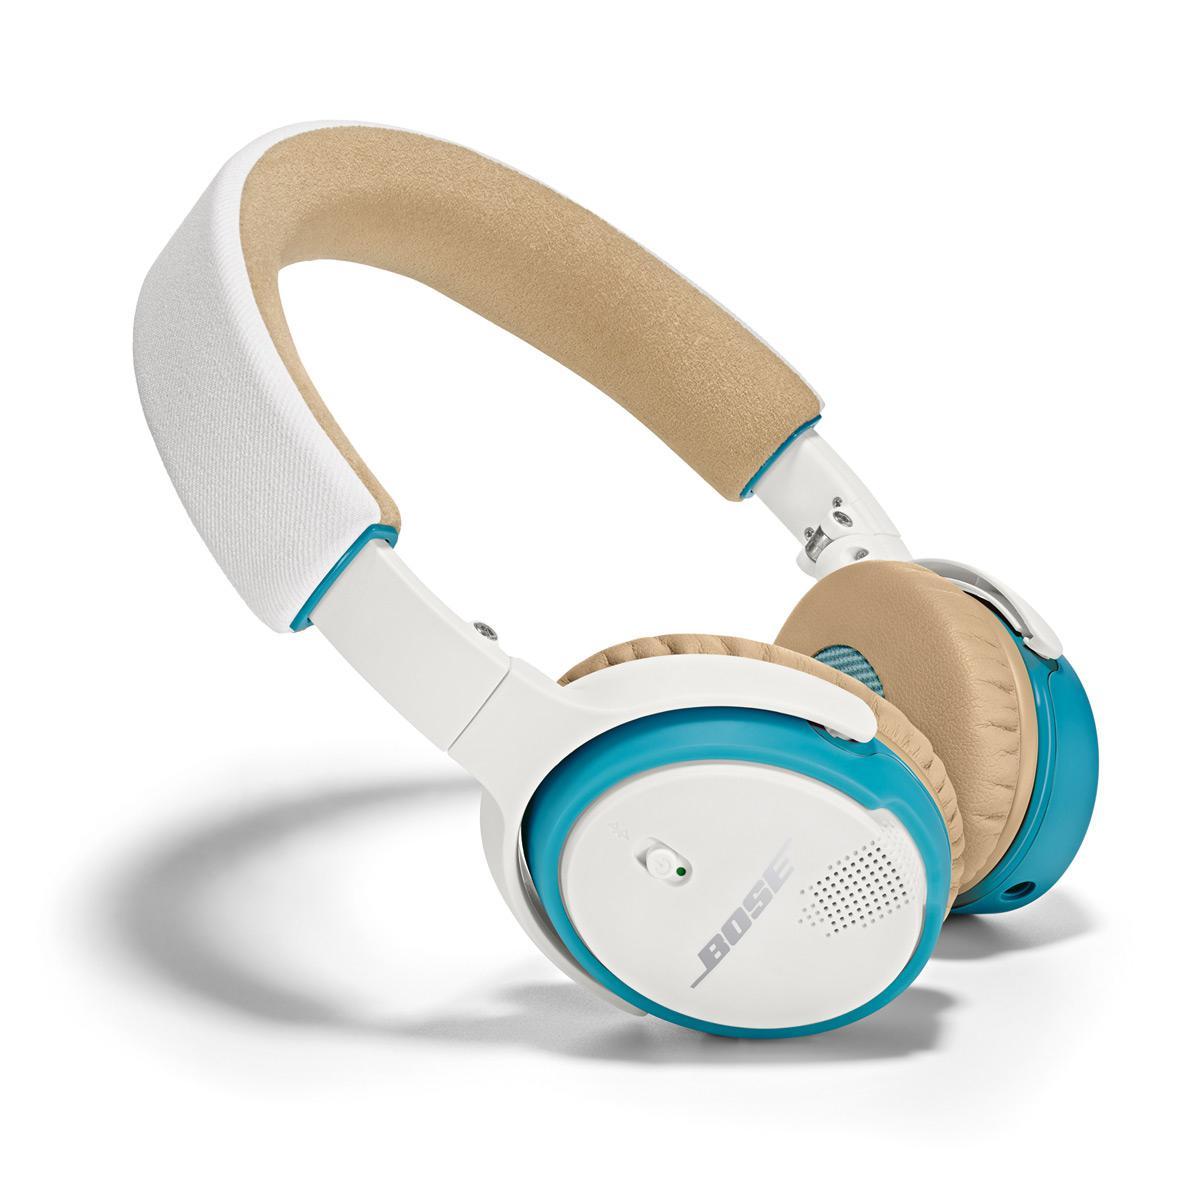 bose soundlink on ear bluetooth headphones wei. Black Bedroom Furniture Sets. Home Design Ideas